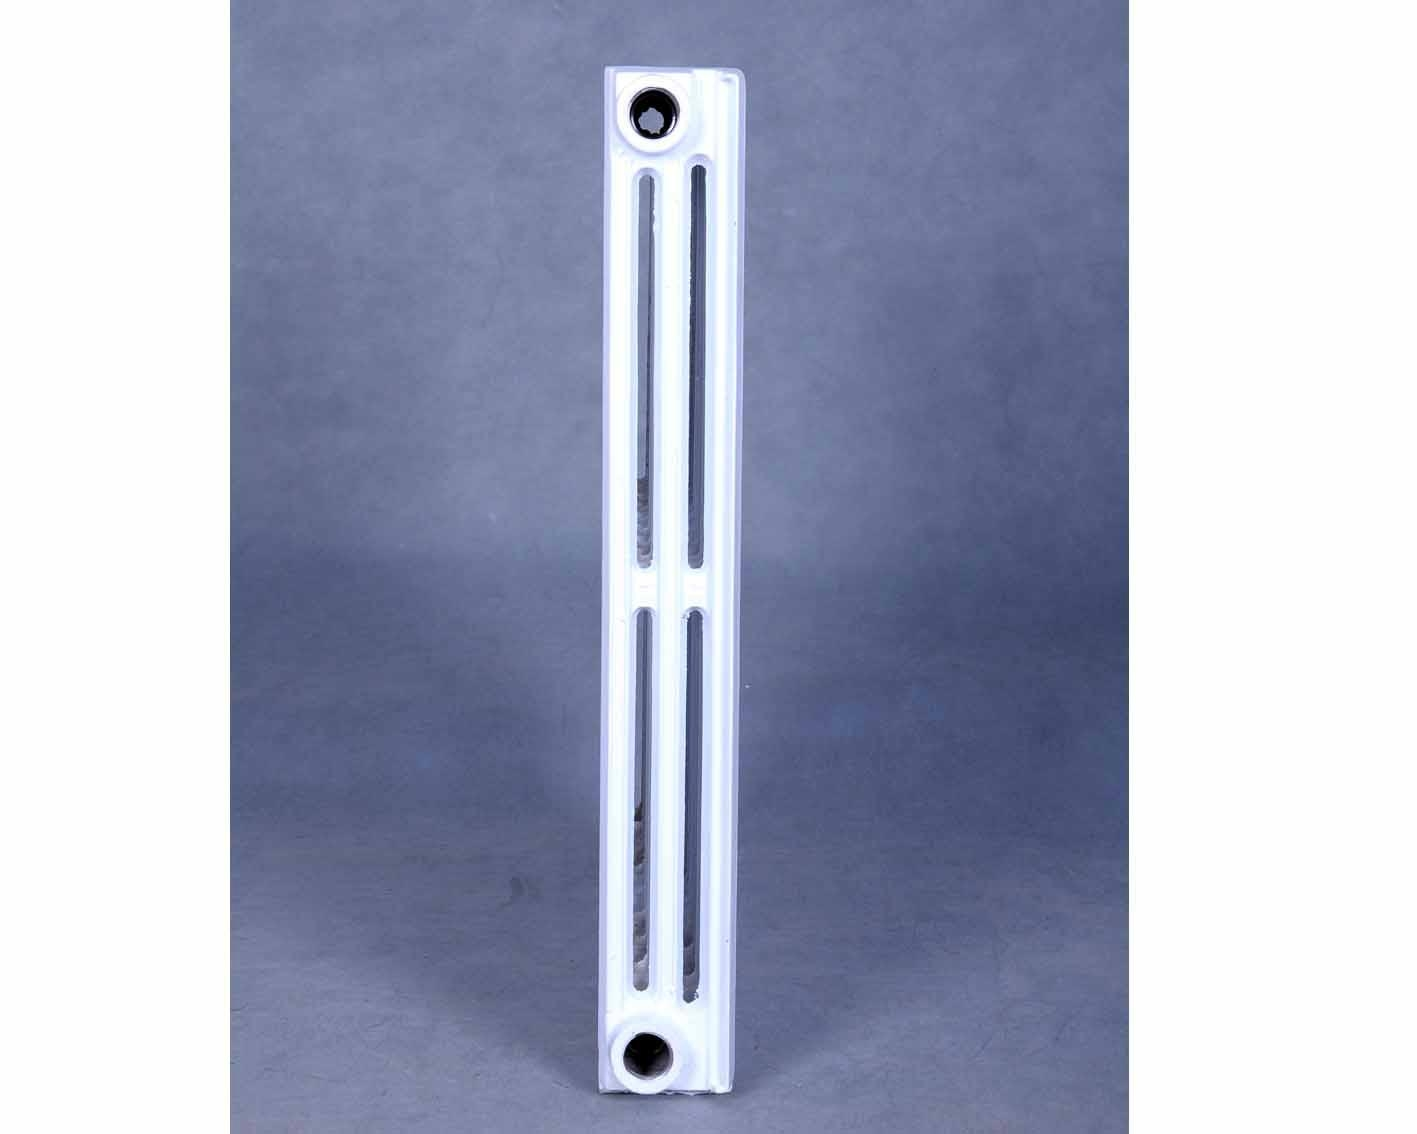 意式三柱680鑄鐵暖氣片(IM3-680) 5